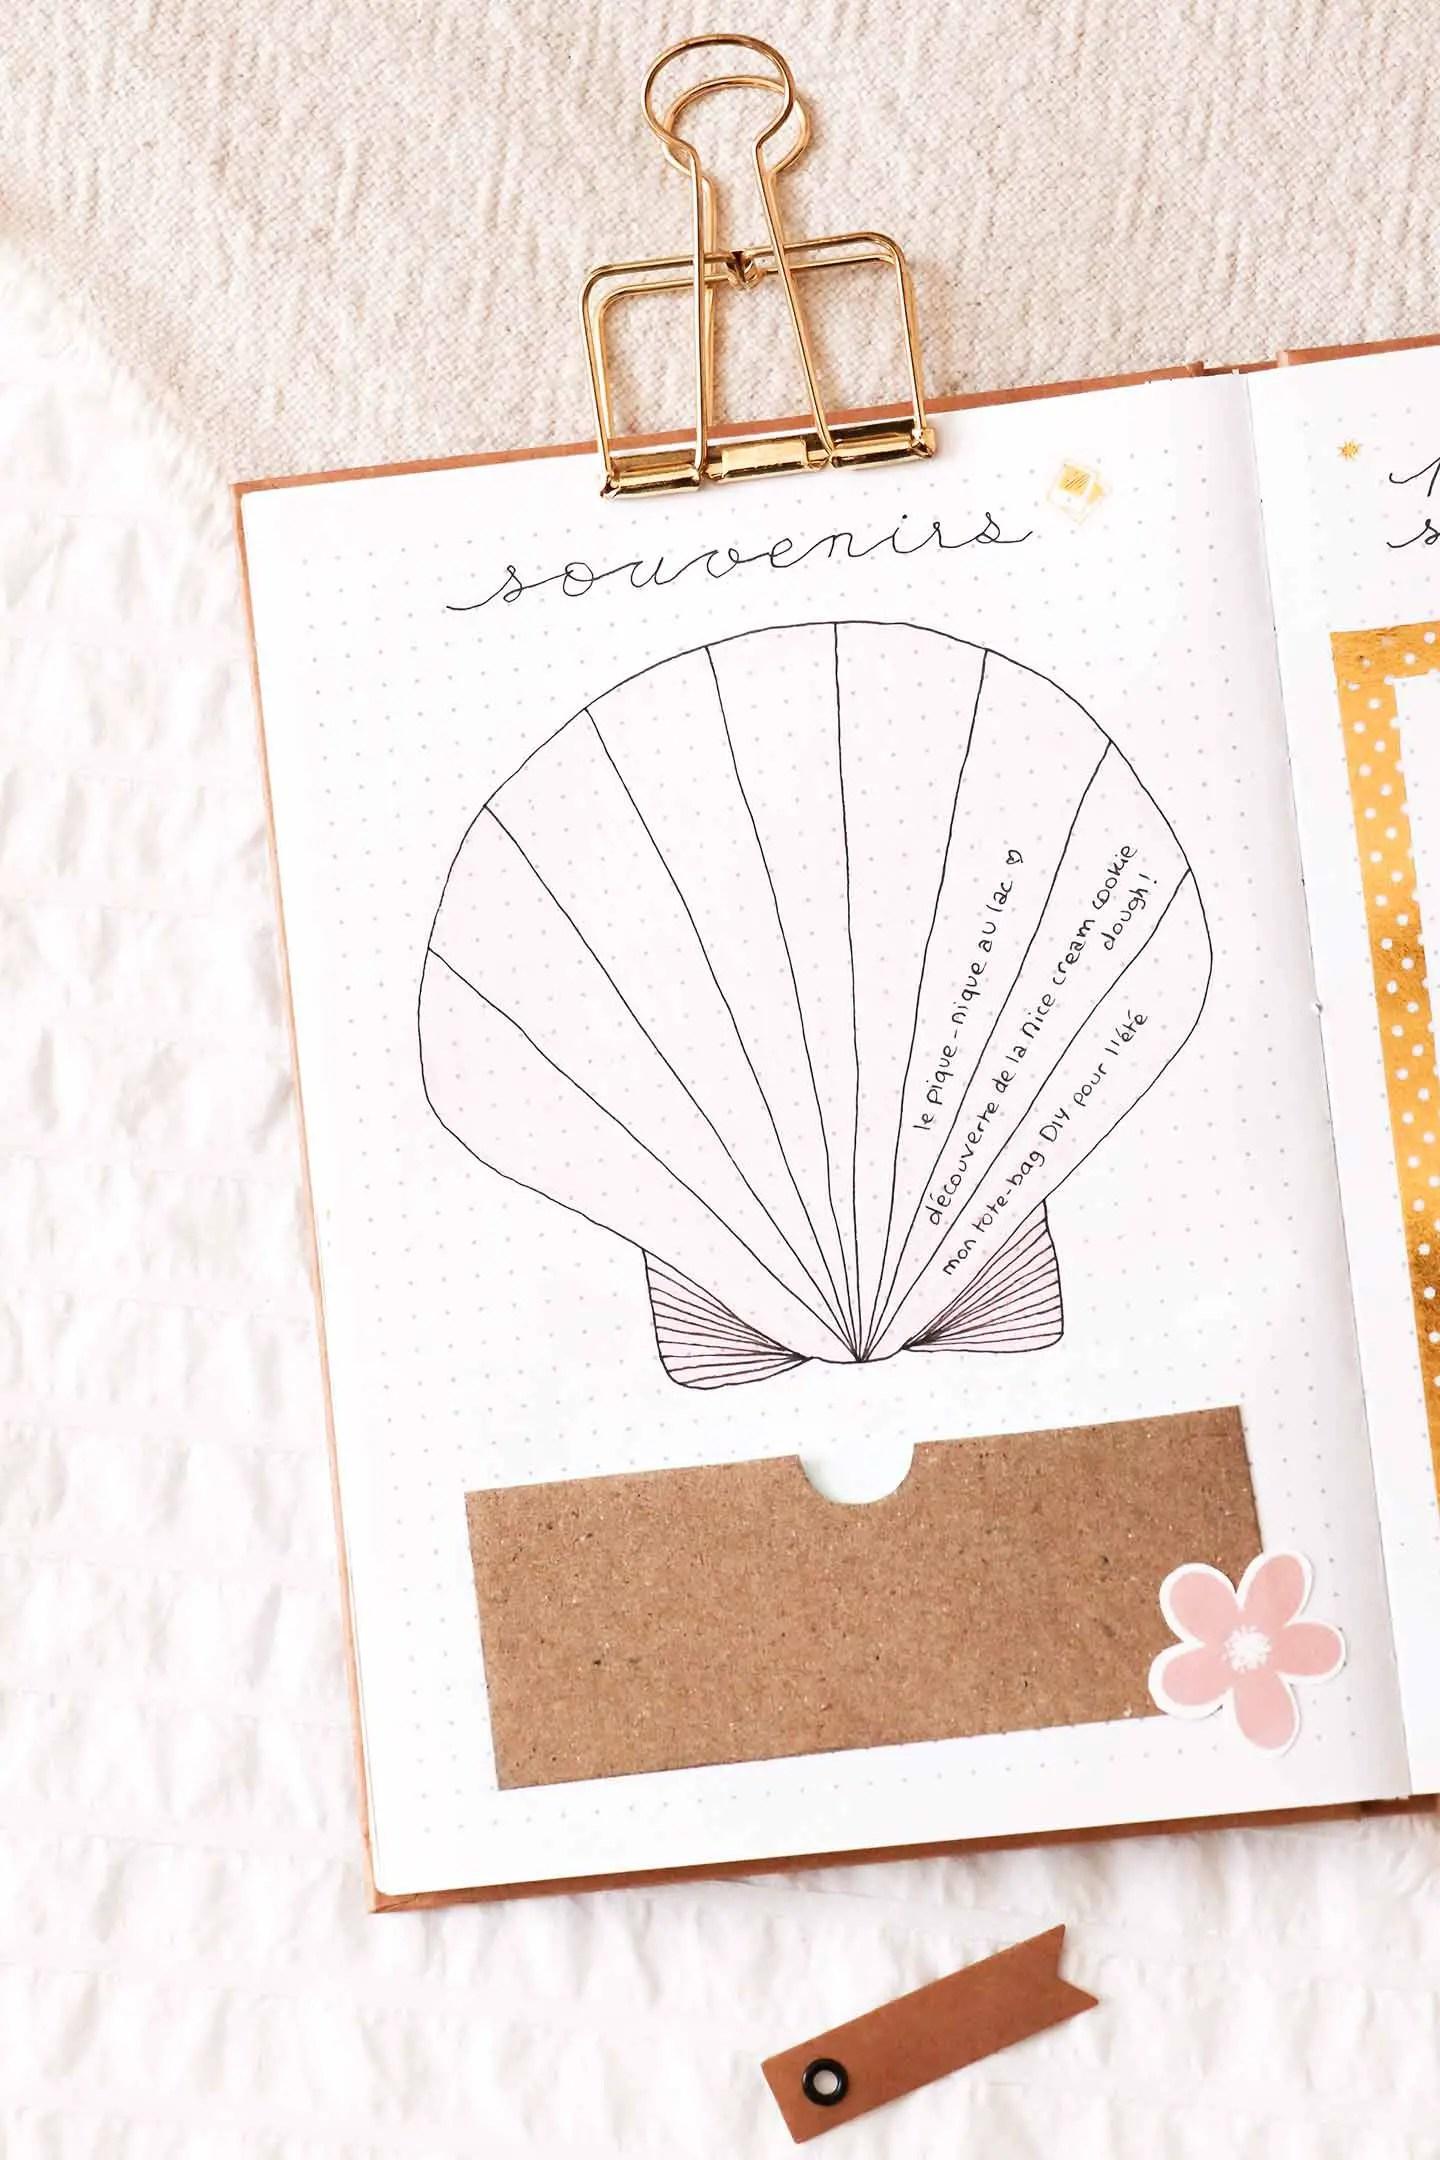 Page souvenirs bullet journal